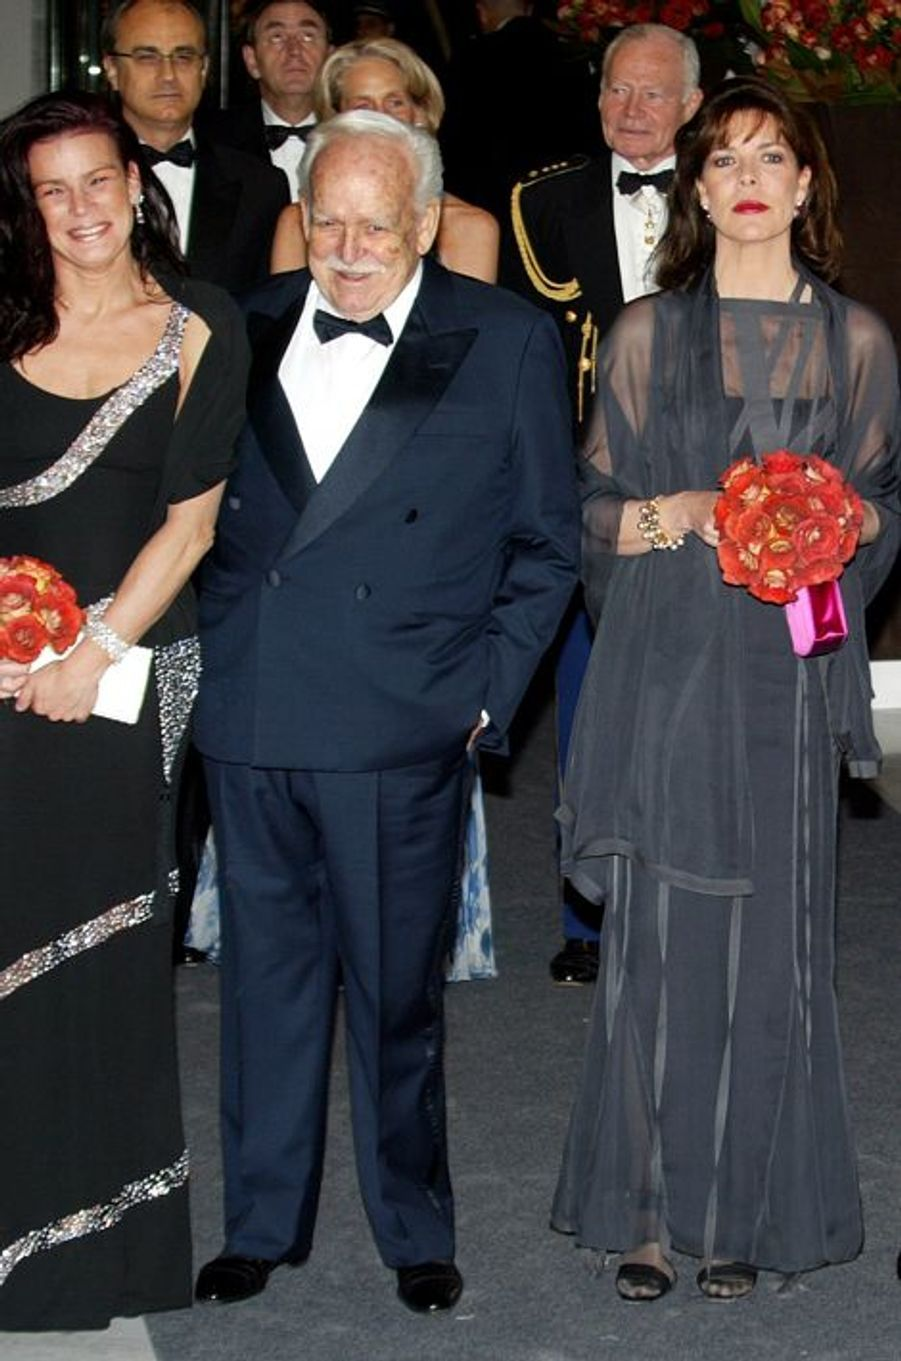 La princesse Caroline de Monaco au bal de la Rose 2003, avec le prince Rainier III et la princesse Stéphanie